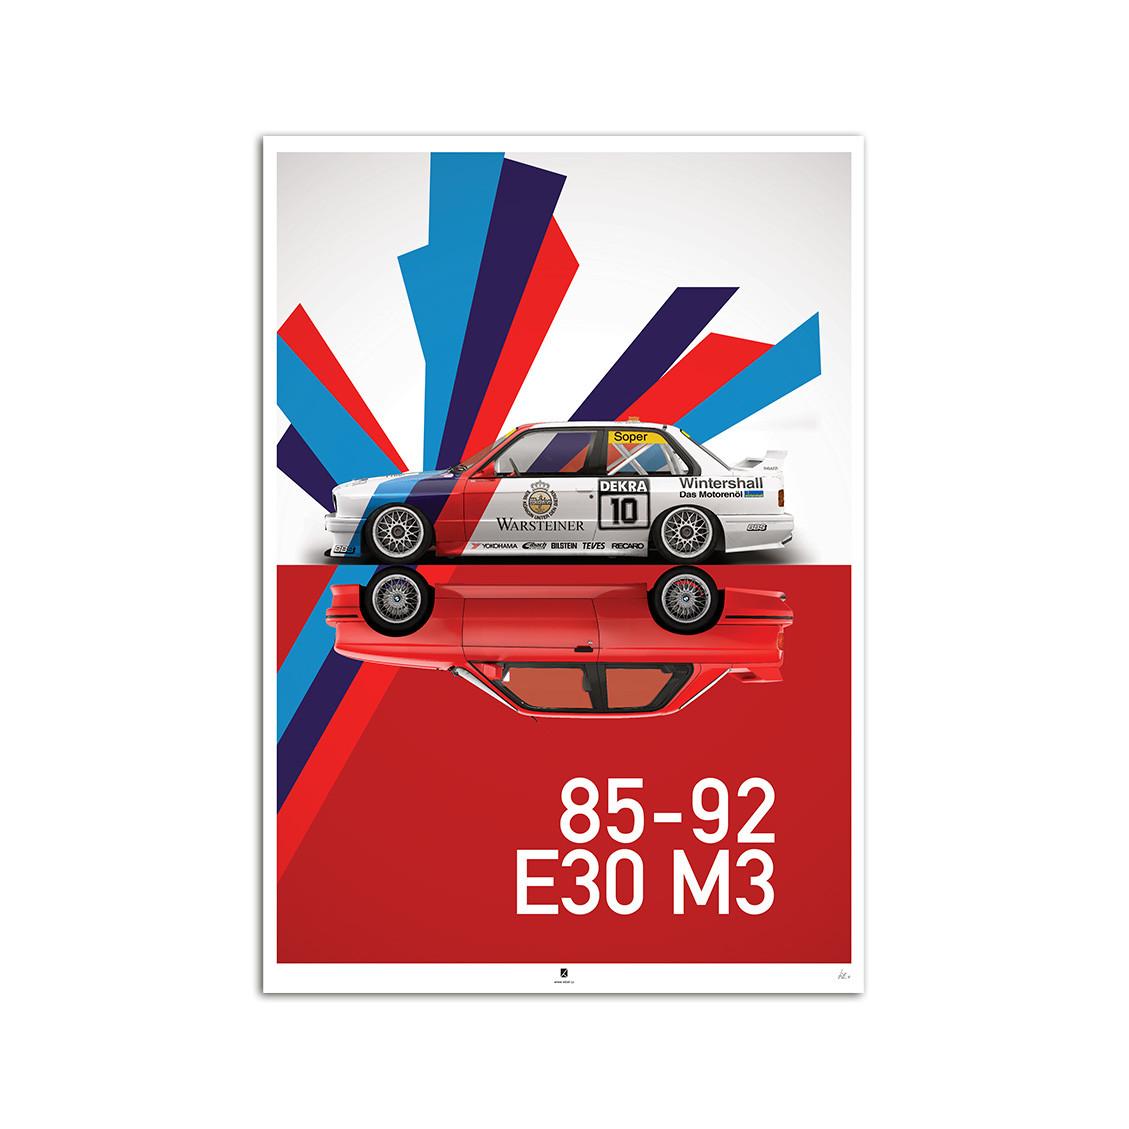 ArtStation - BMW E30 M3 poster series, Lubor Zelinka